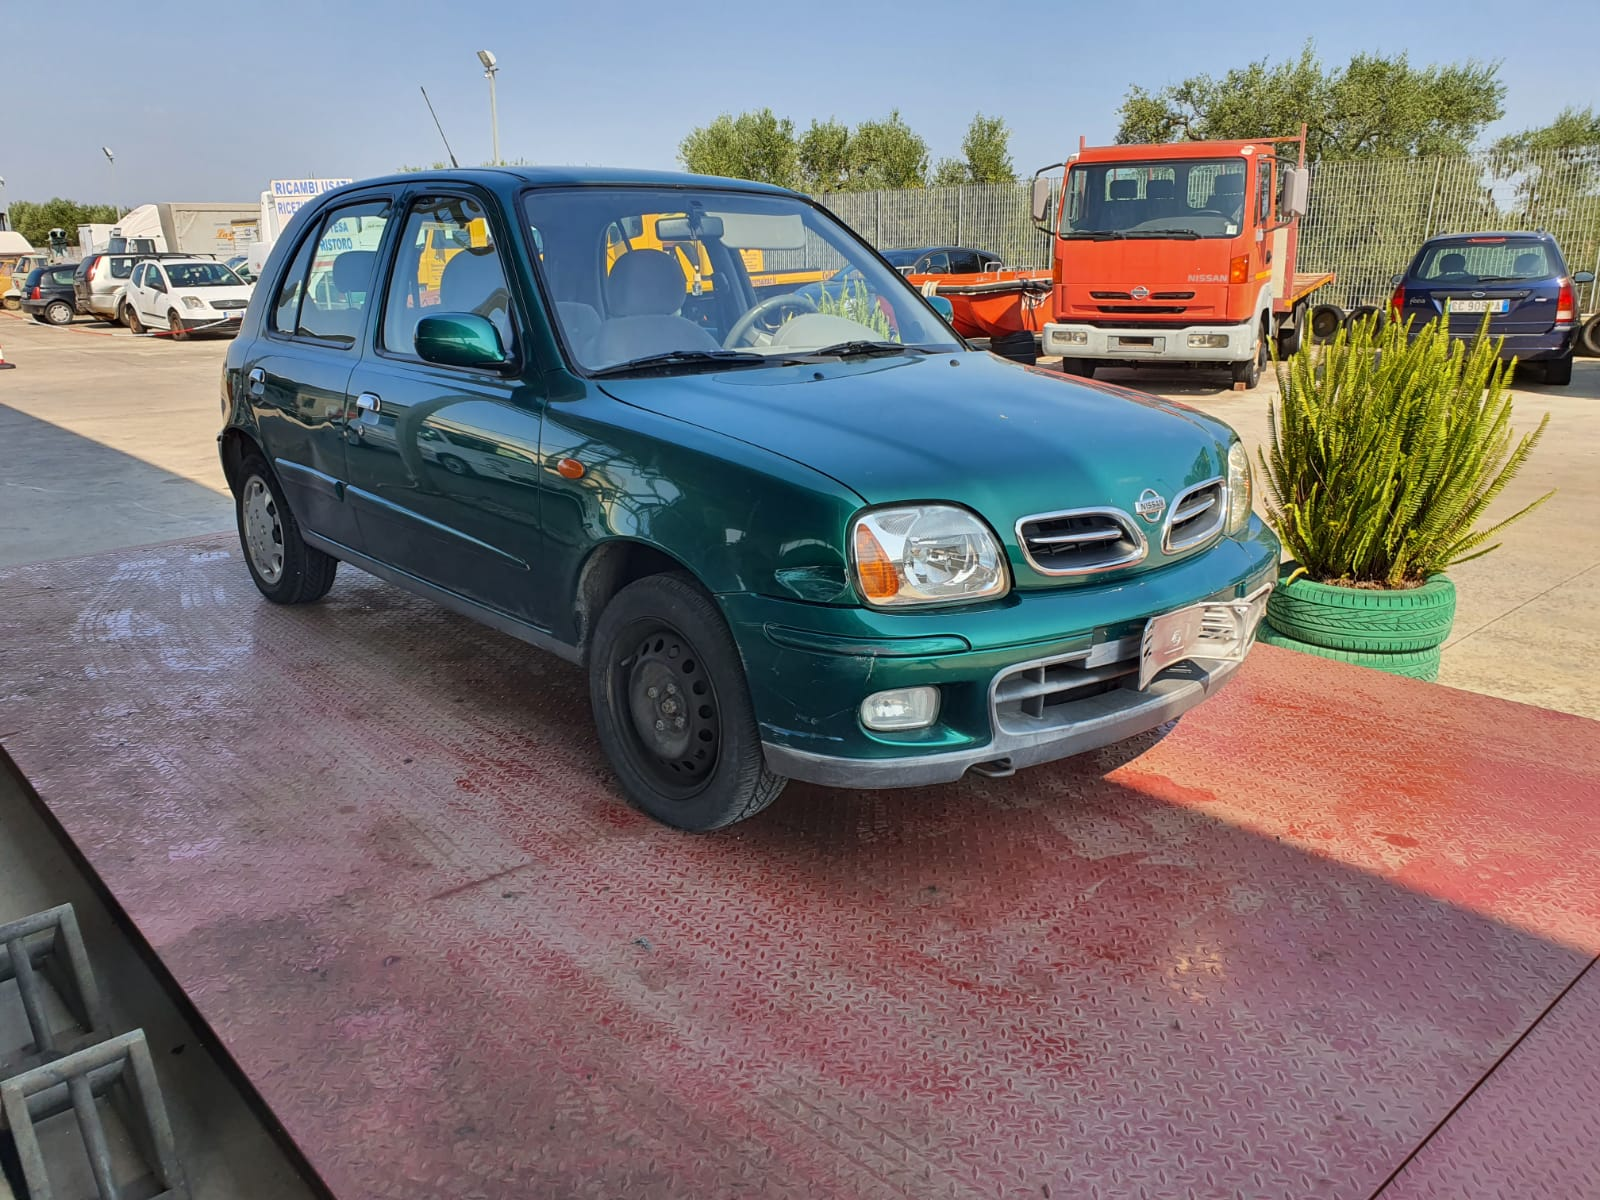 Read more about the article Nissan Micra con cambio automatico disponibile nel nostro autoparco di demolizione per la vendita dei ricambi usati